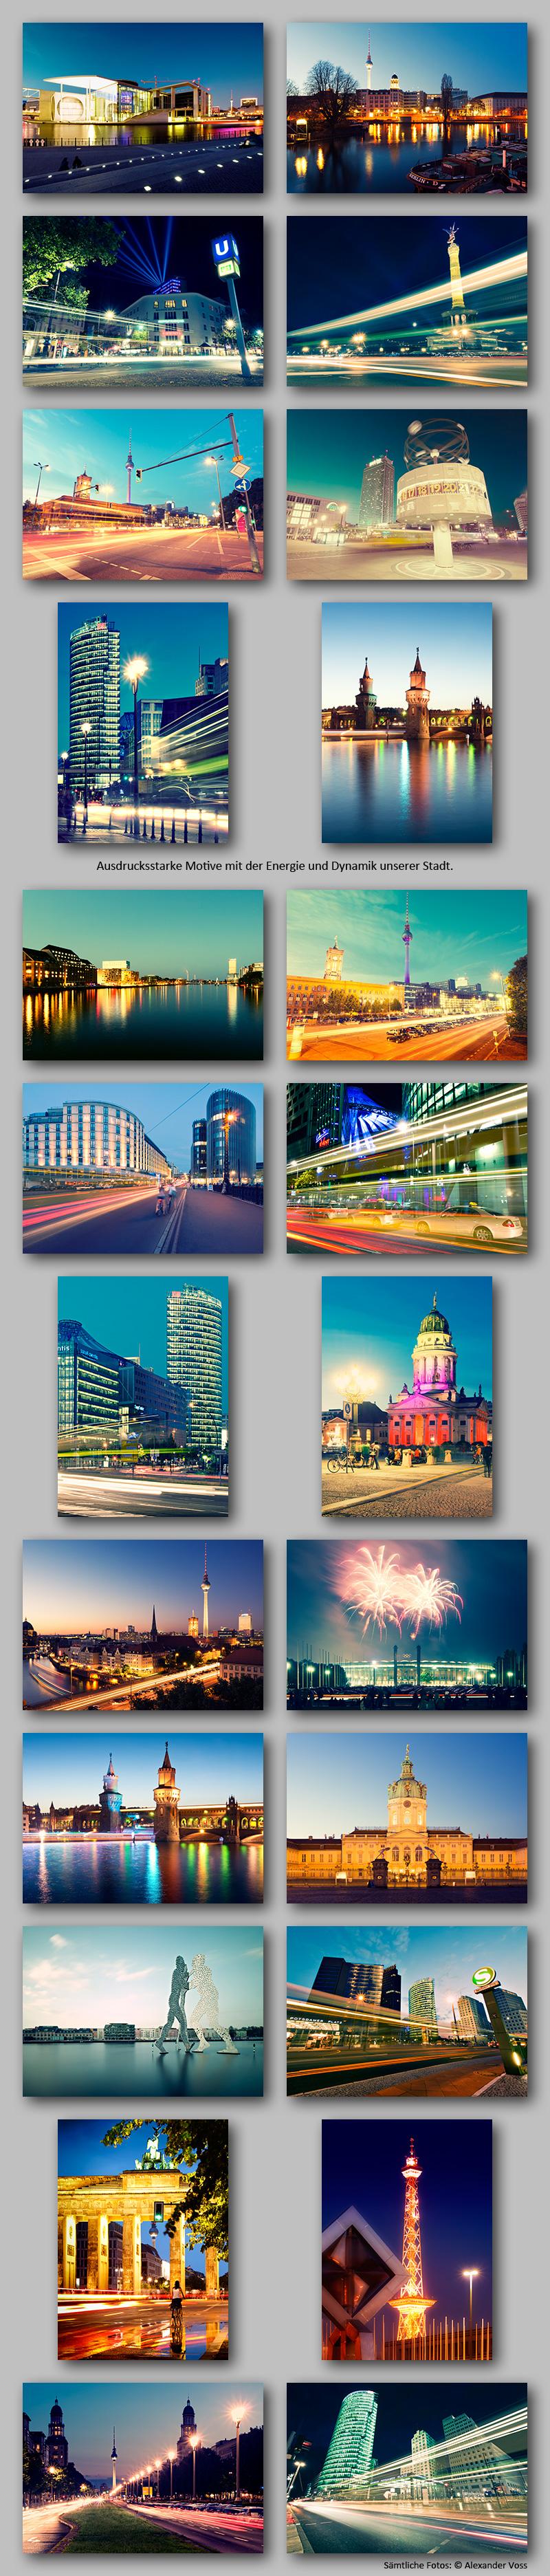 International prämierte Fotokunst für Ihr Hotelmarketing: Einige Motivbeispiele.